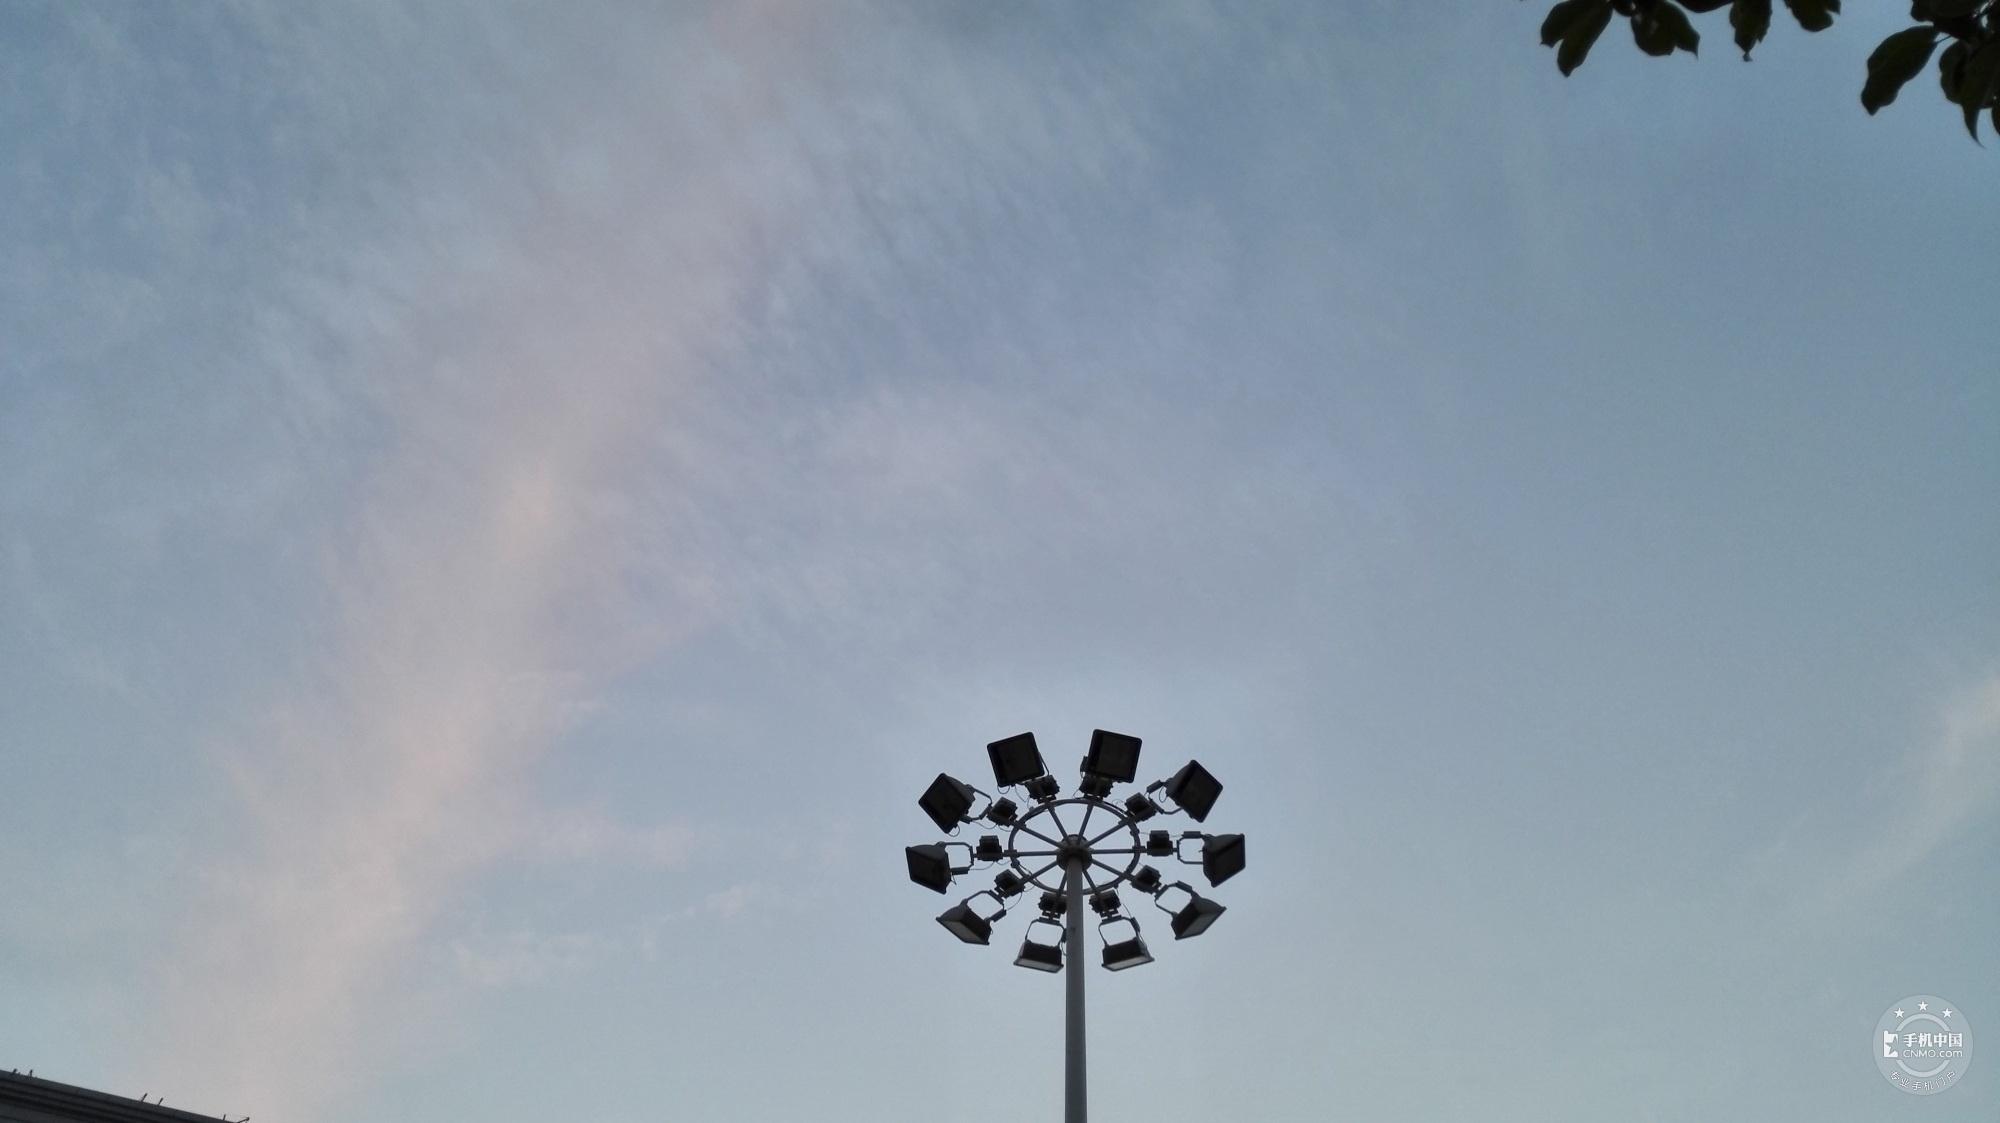 荣耀6(移动4G/16GB)手机拍照出来的影像图第6张